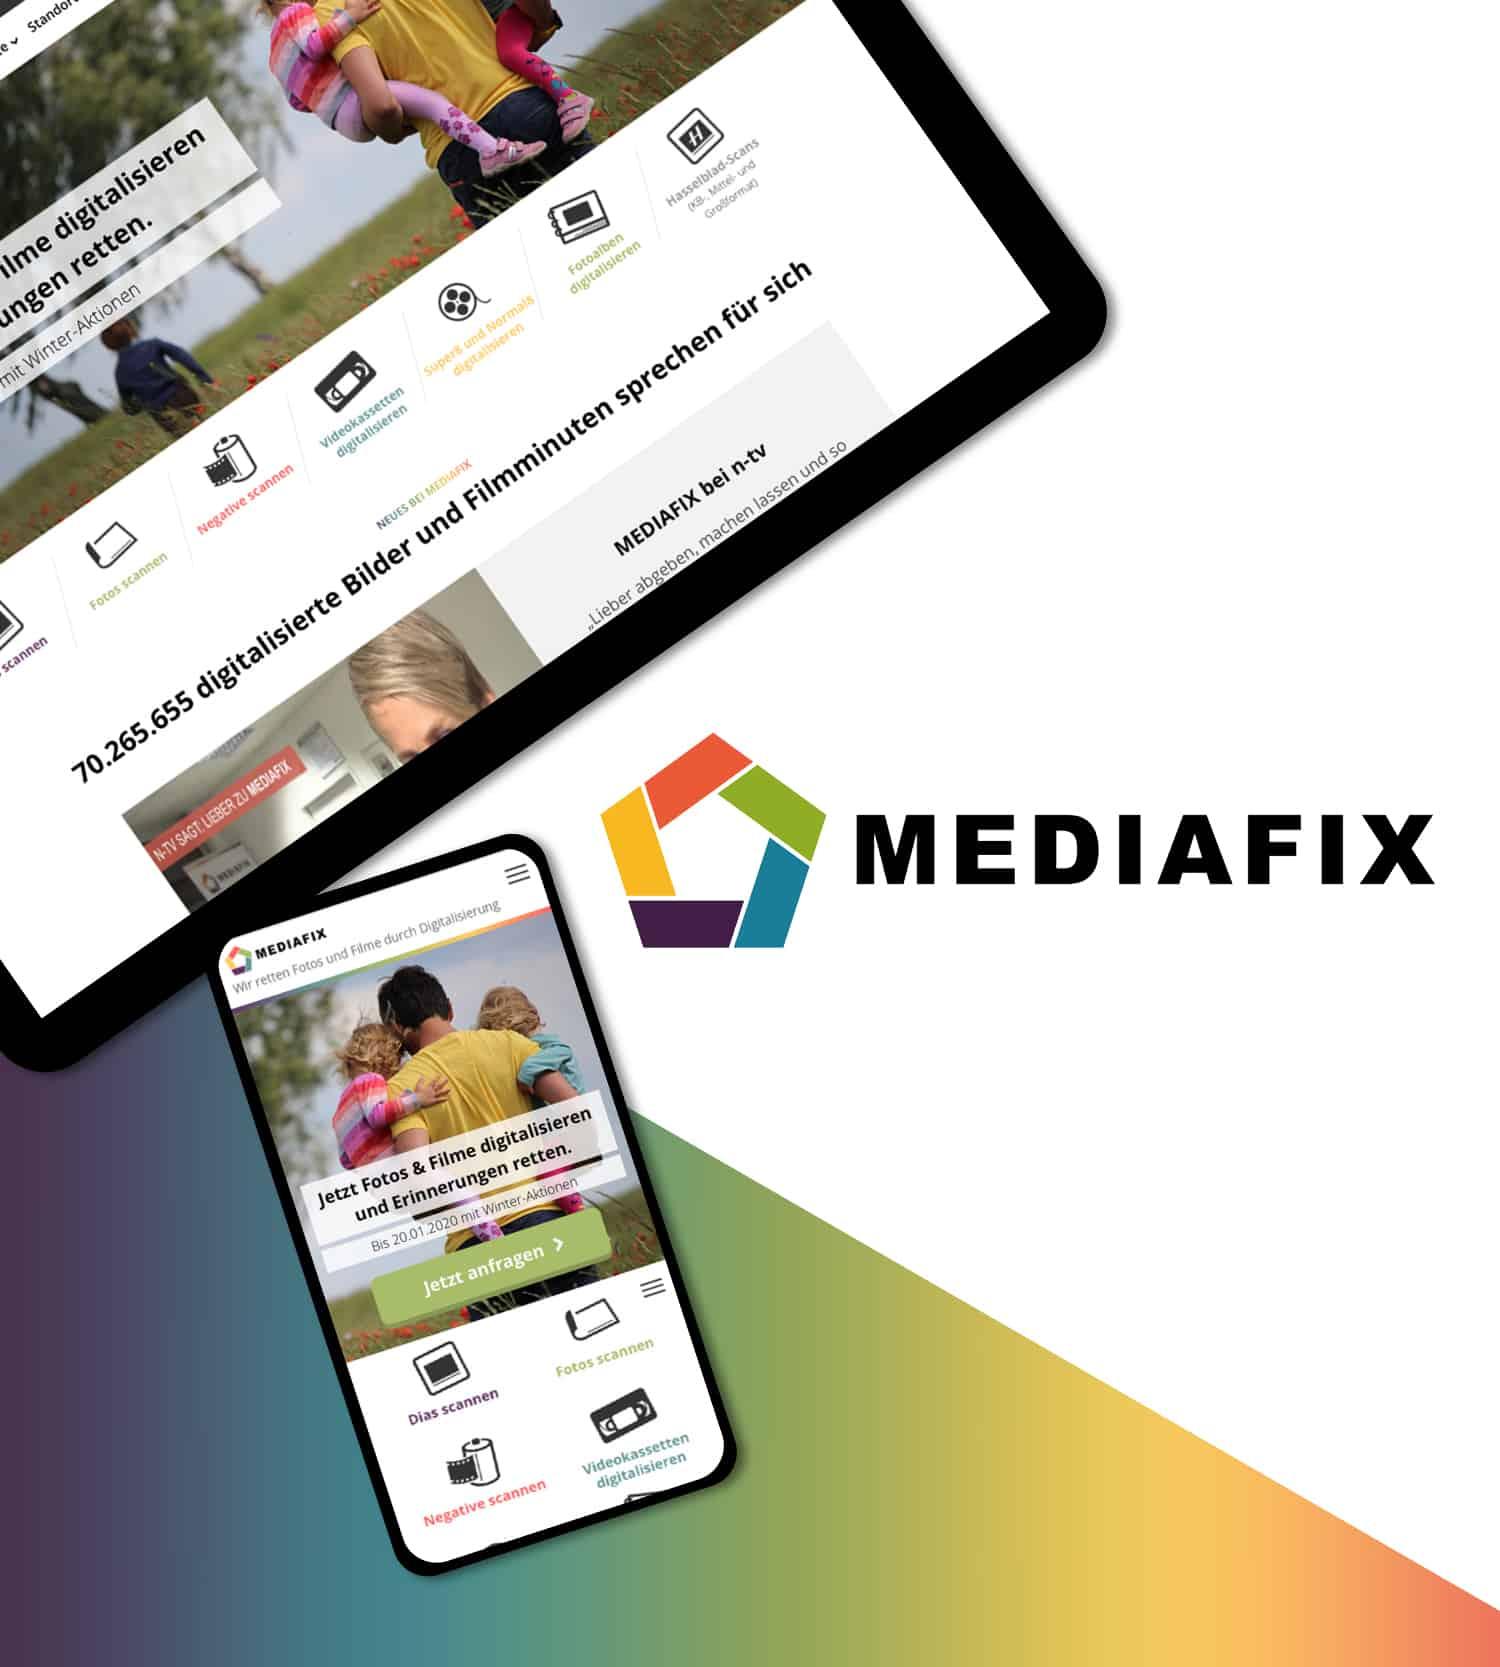 MEDIAFIX Referenzen